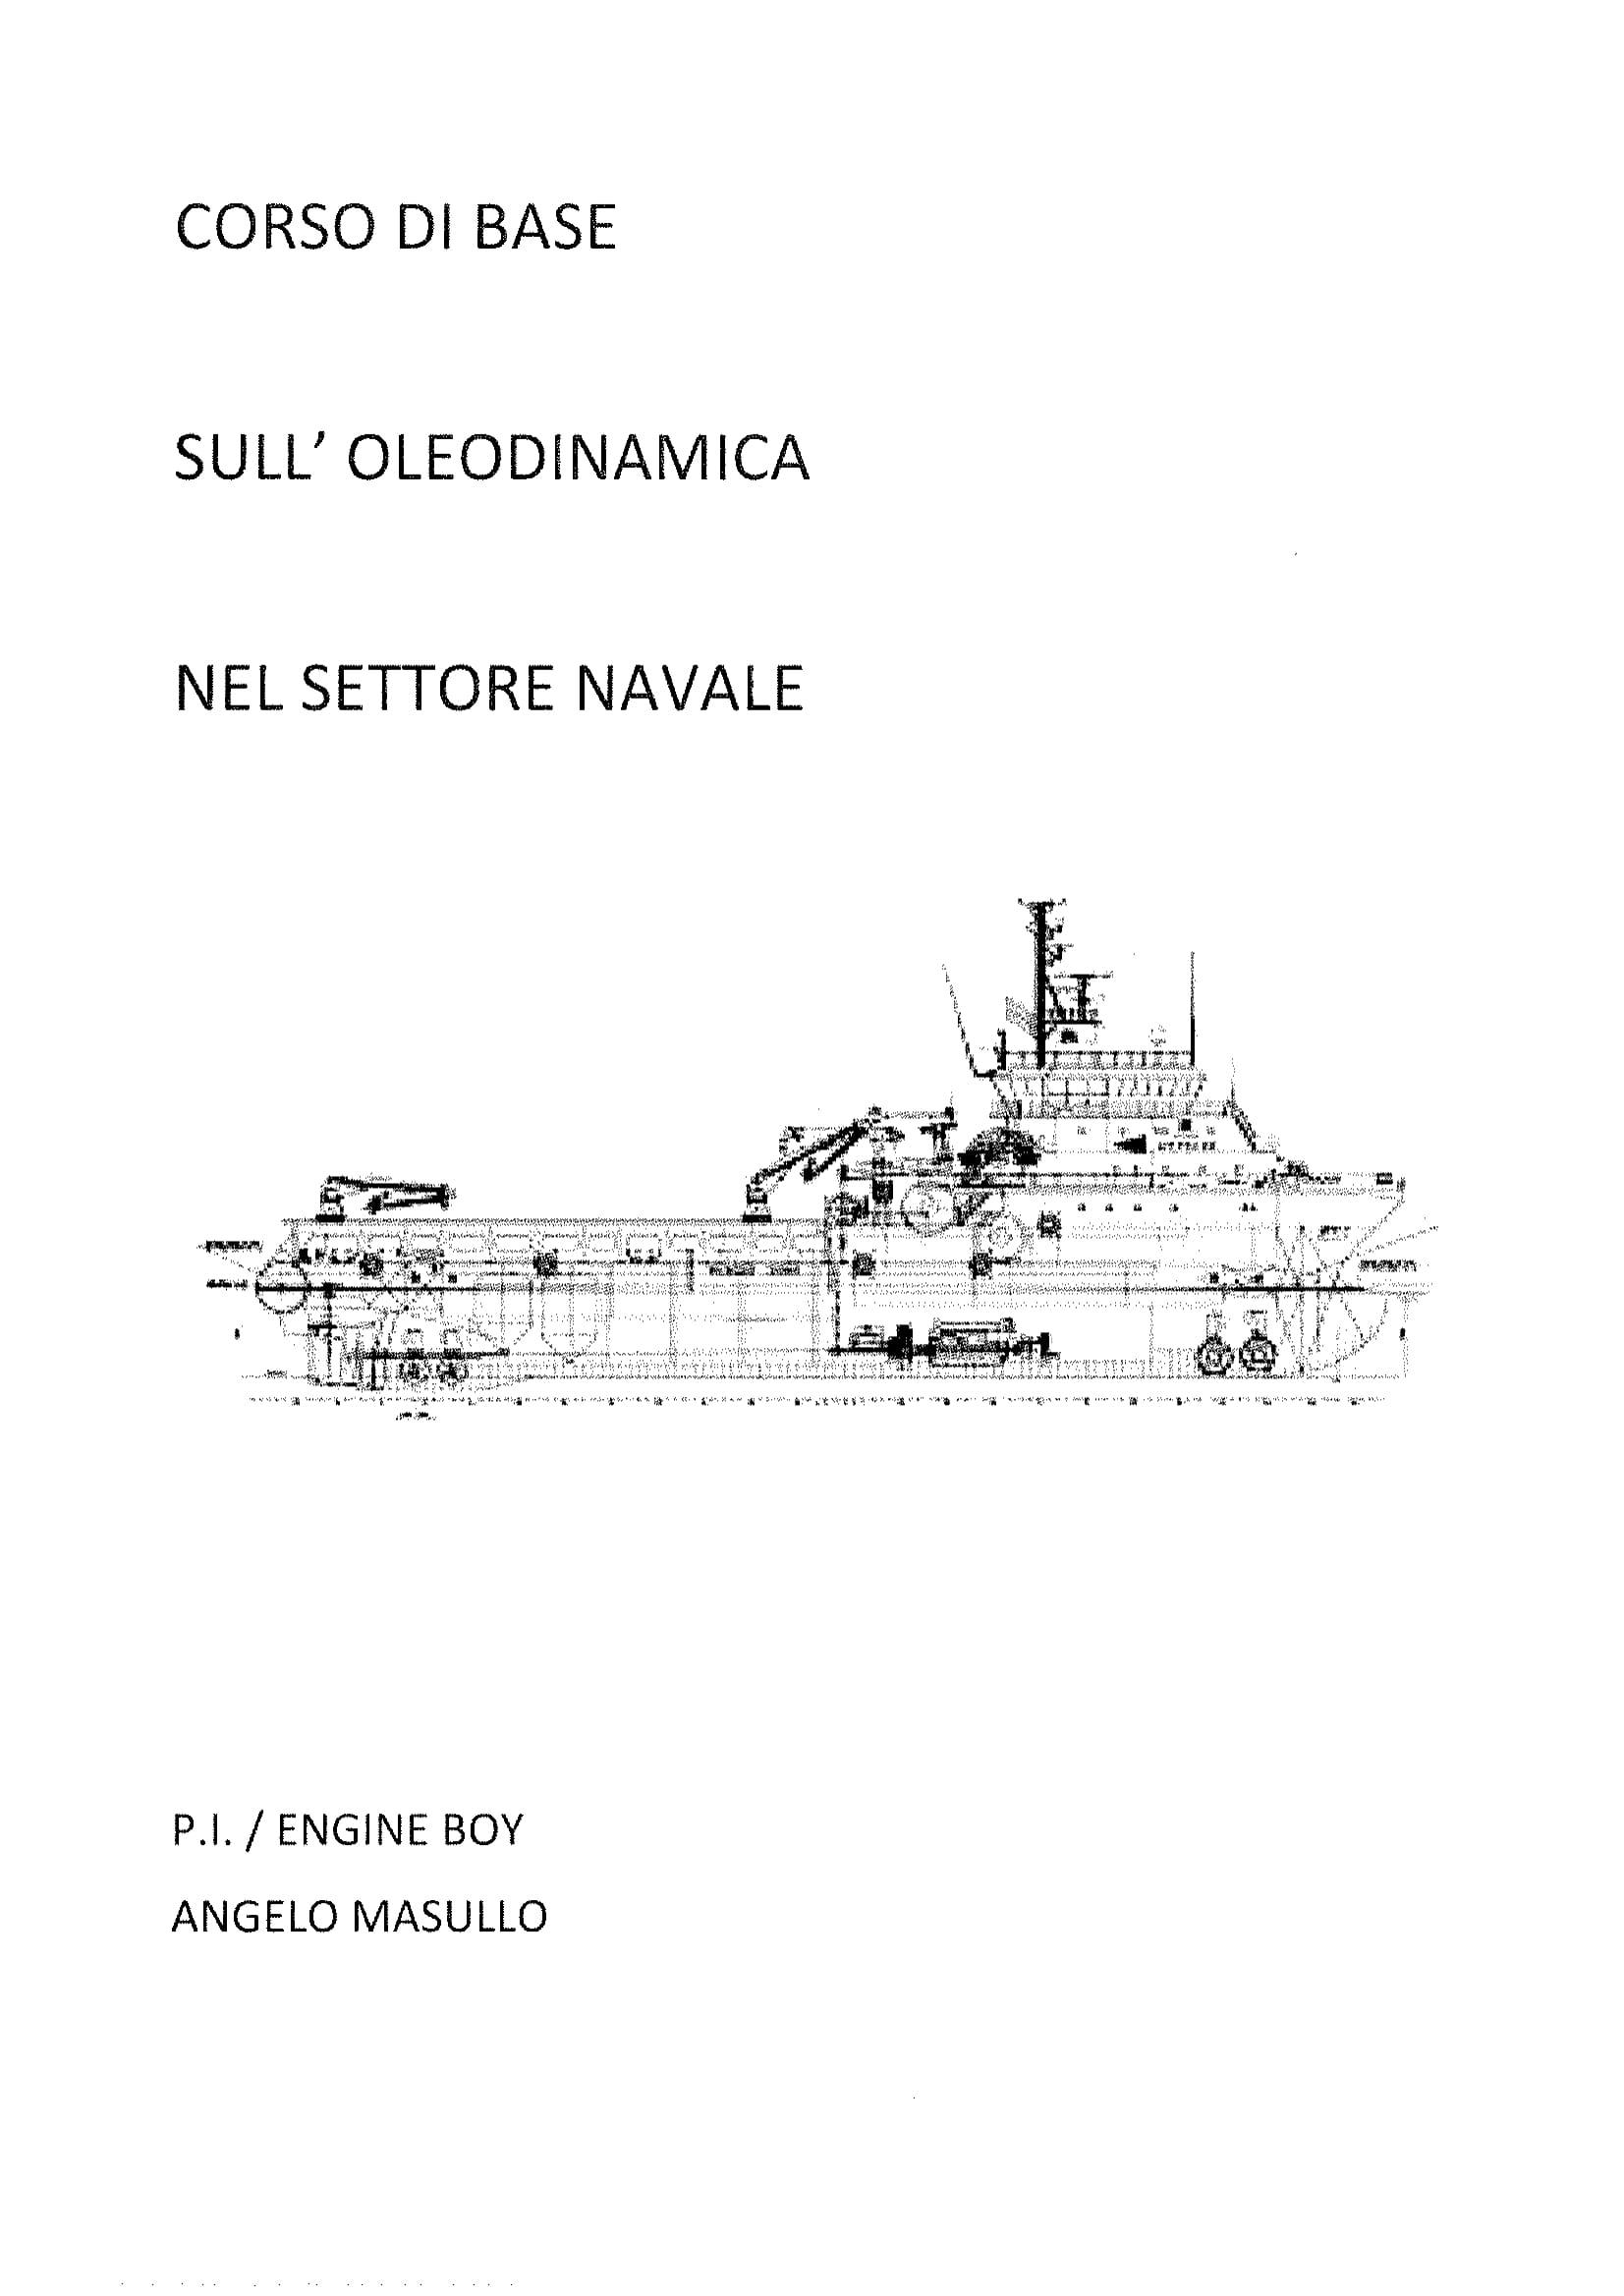 Corso di base sull'oleodinamica navale-01